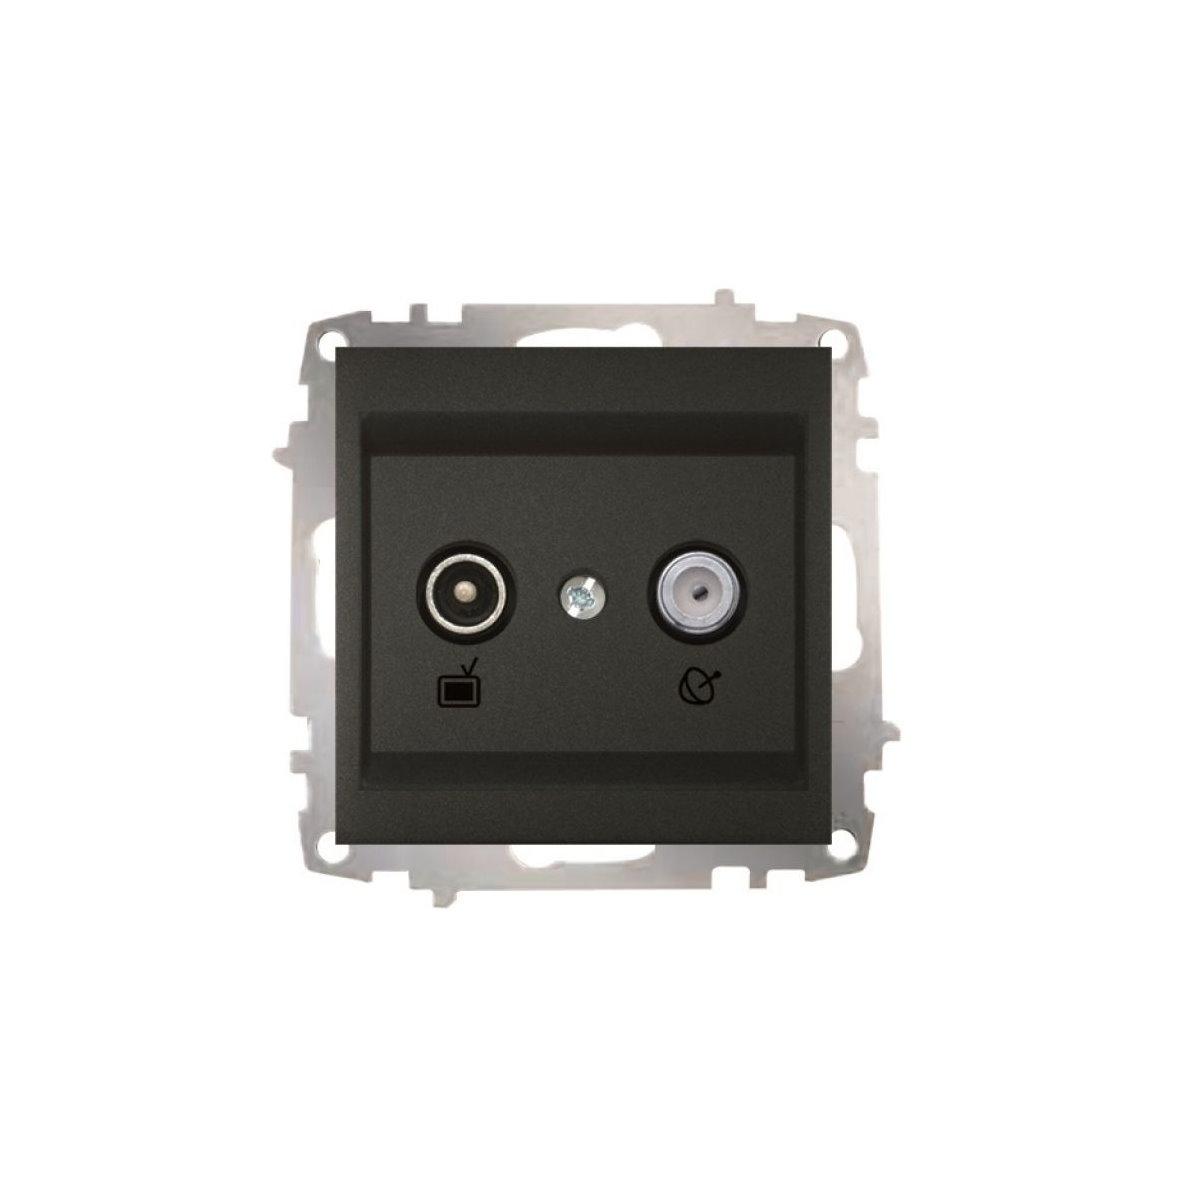 EL-BI Schalter ZENA anthrazit